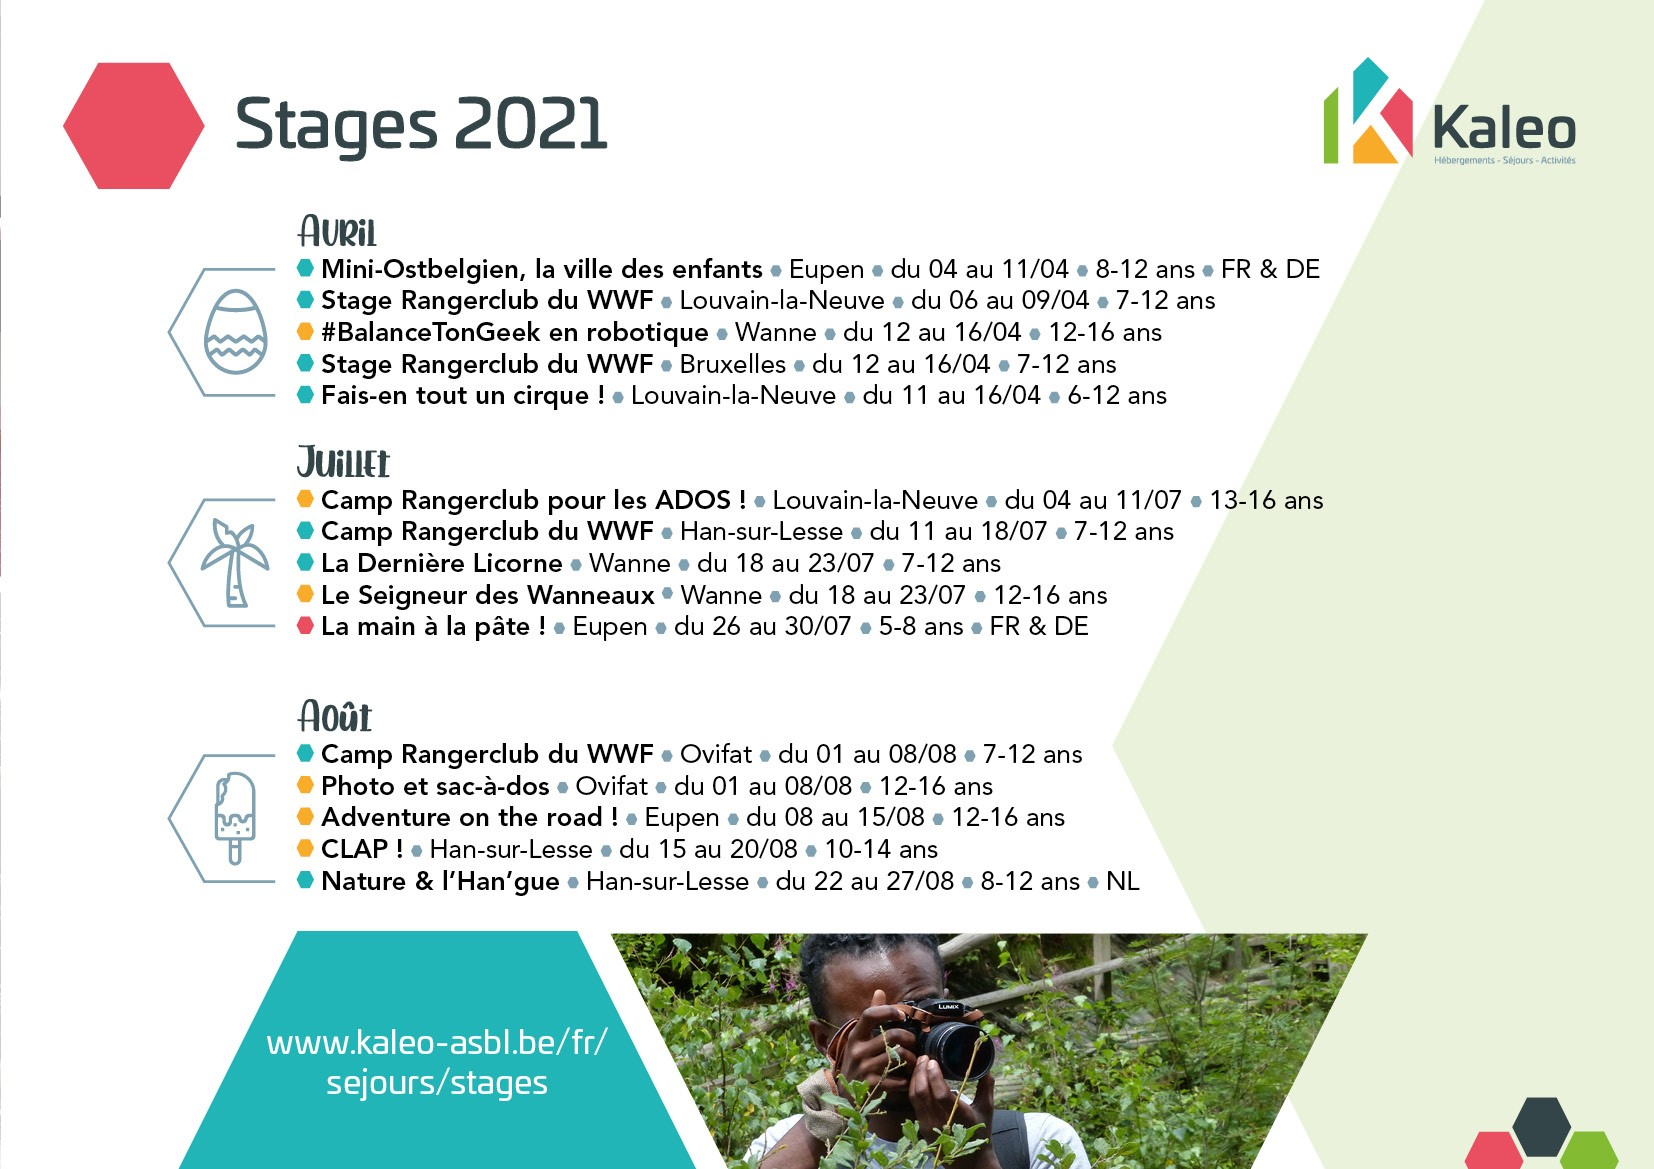 Listes des stages Kaleo 2021